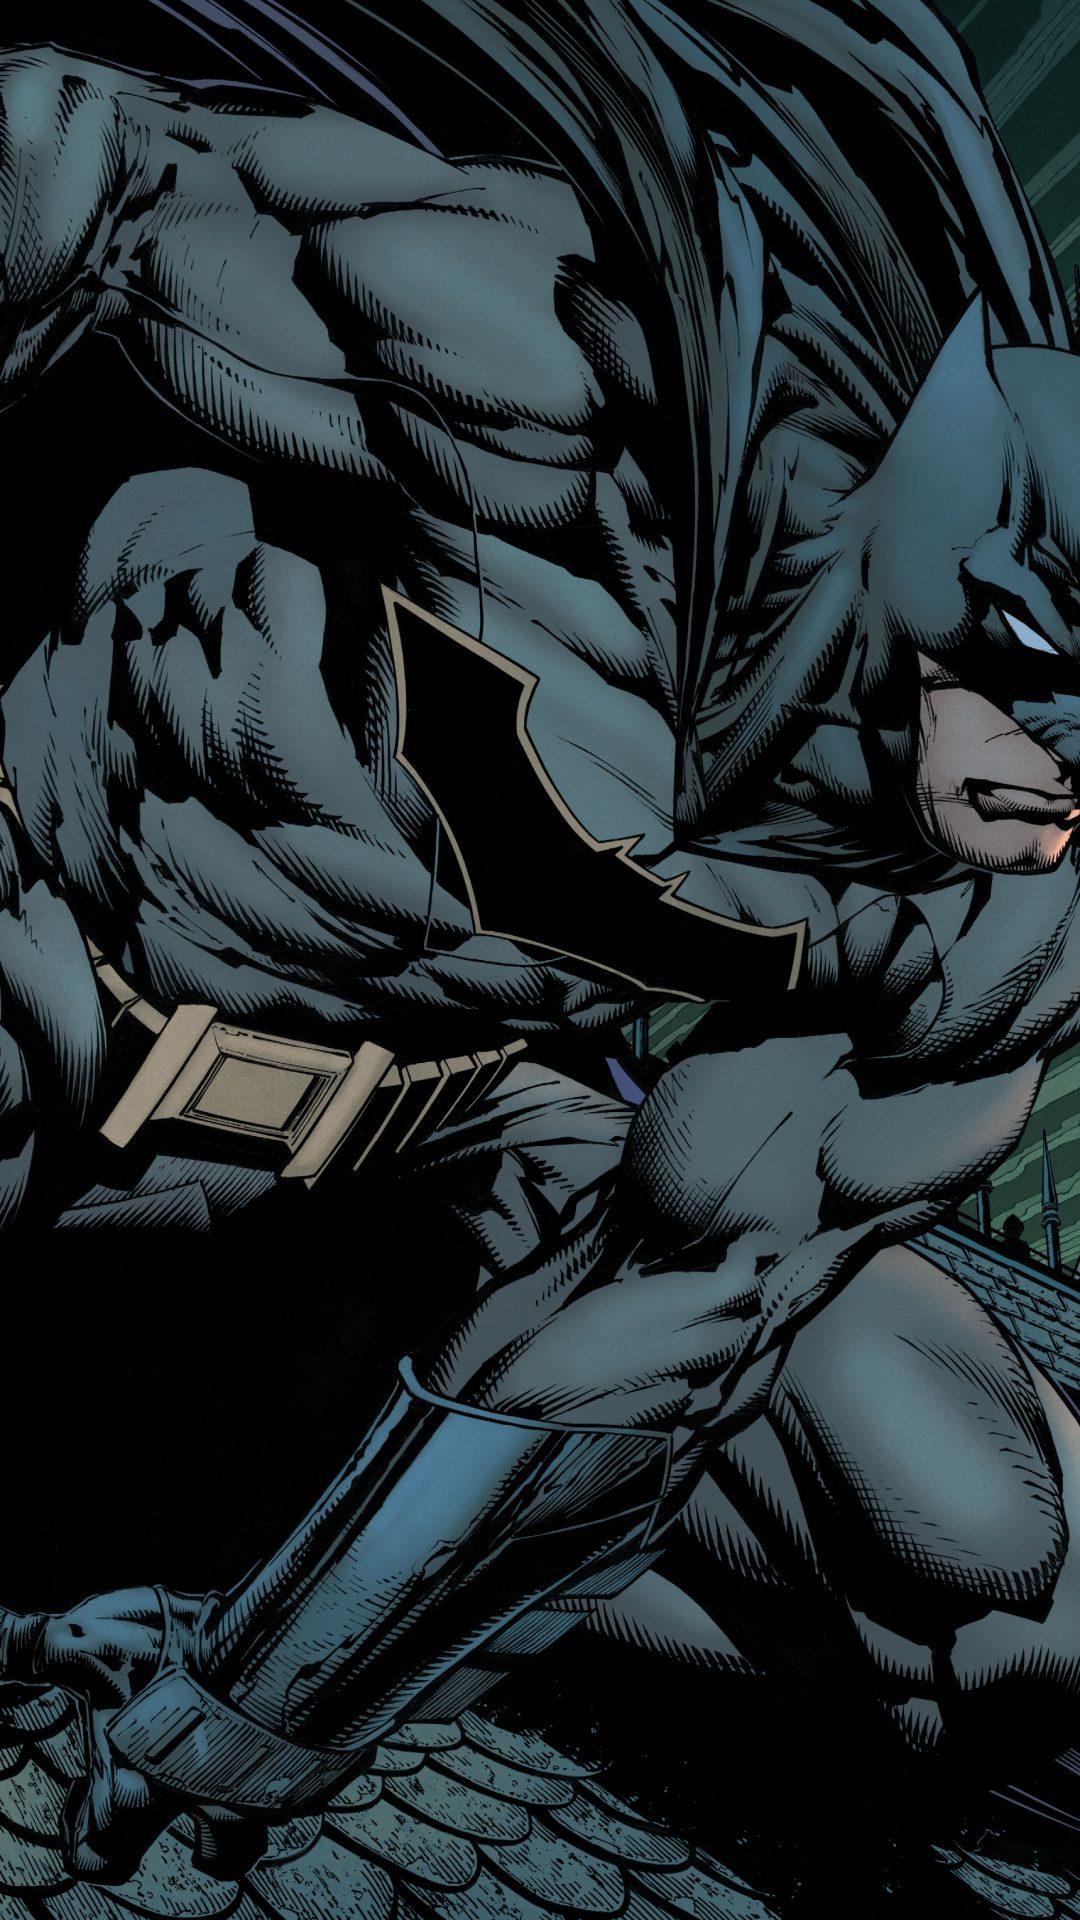 Wallpapers Hd Joker Batman I Have Mine Dc Comics 4k Uhd Wallpaper